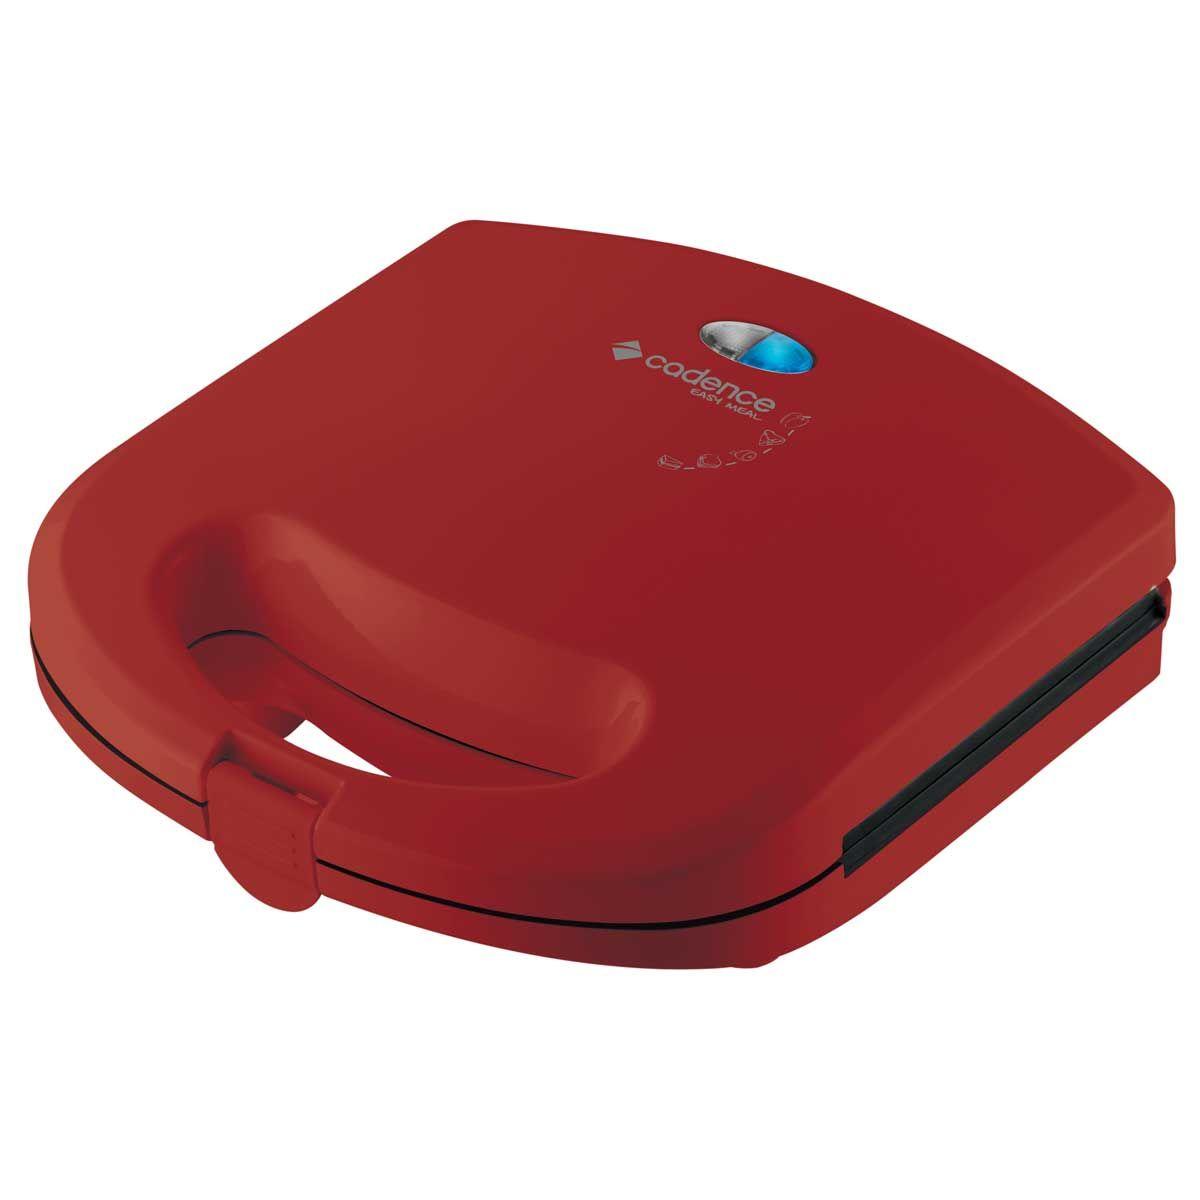 Sanduicheira Minigrill Cadence Colors Vermelha - 220V